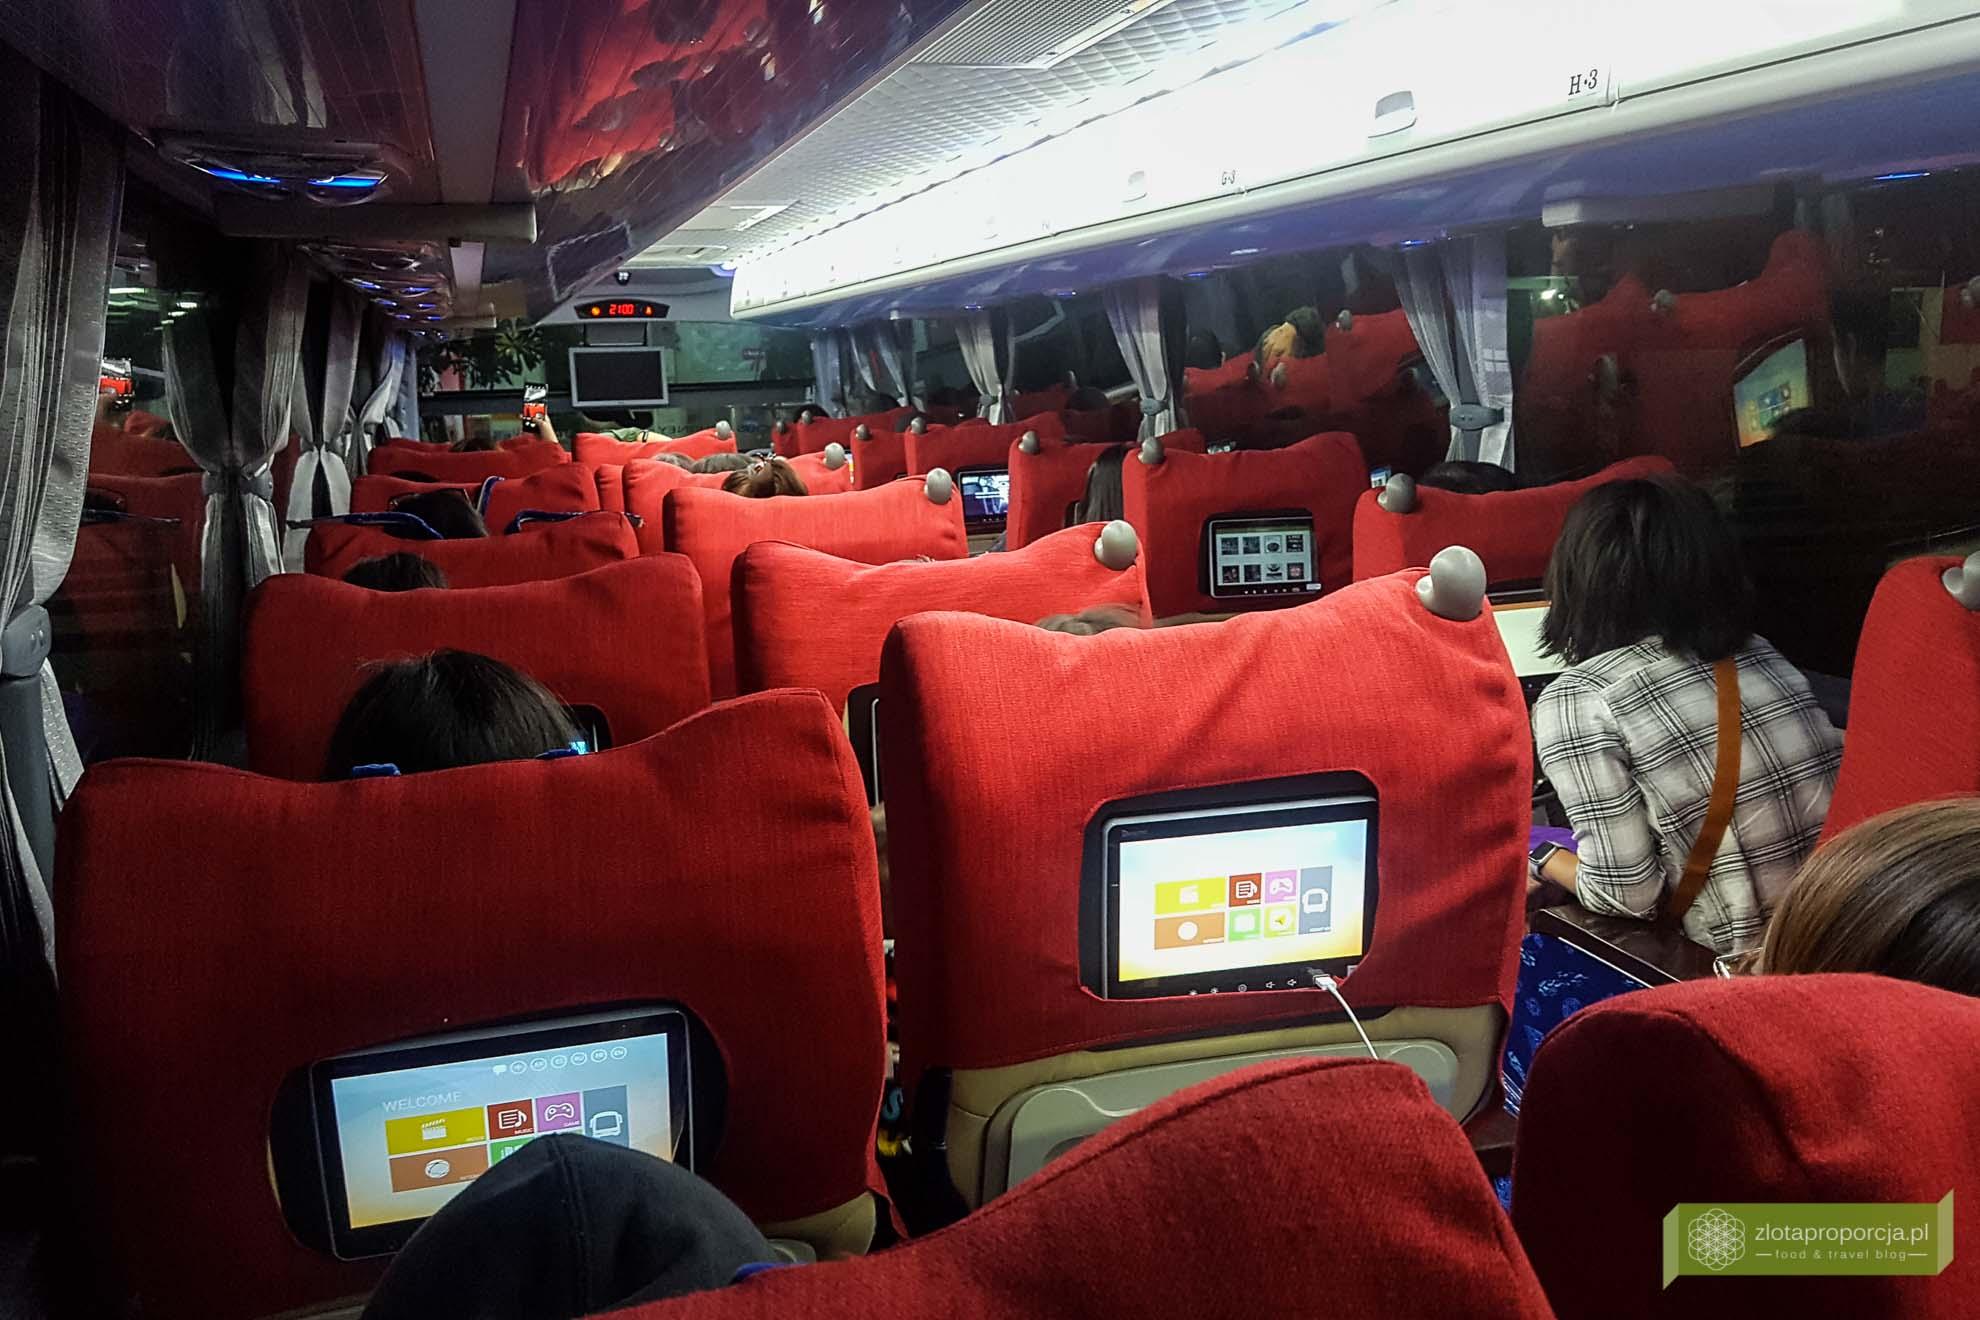 Birma; Mjanma; Myanmar; atrakcje Birmy; Birma podróże; Birma transport; Birma autobus;